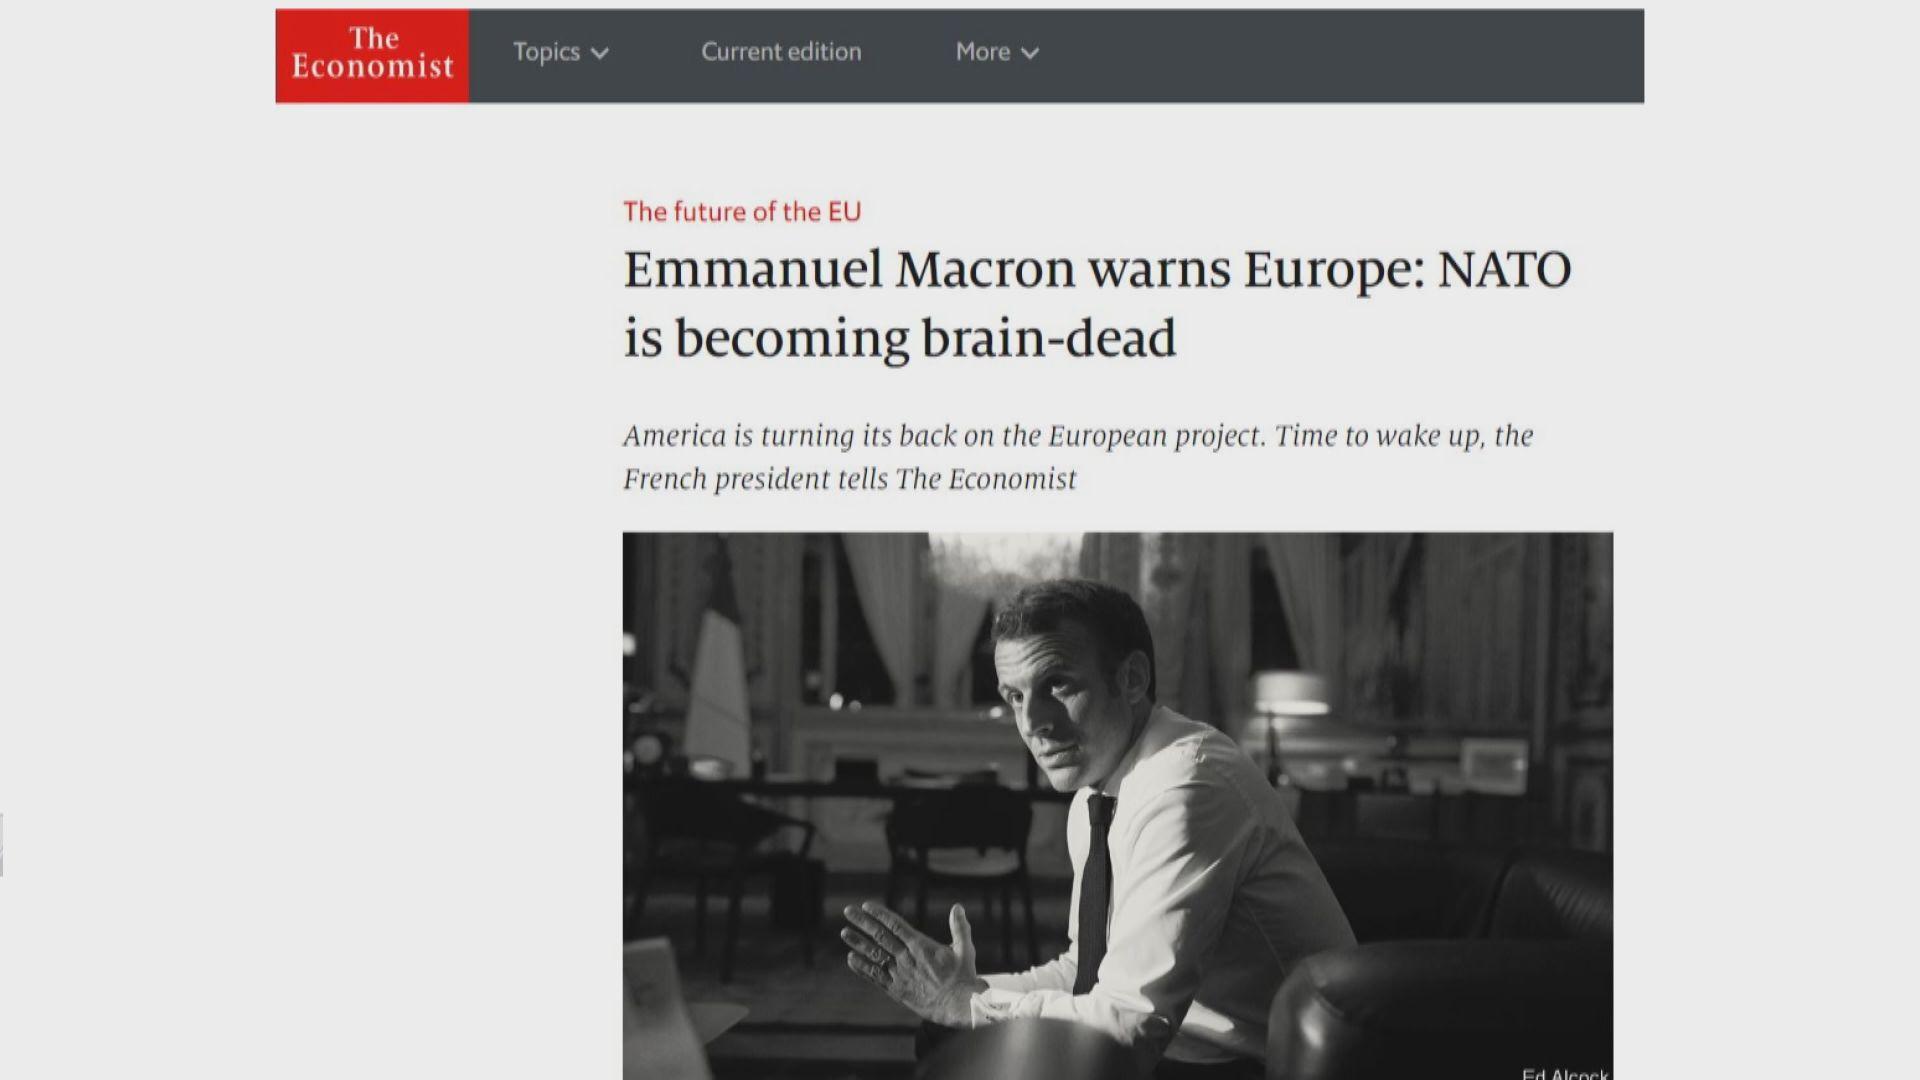 馬克龍指北約「腦死」促歐洲少依賴美國